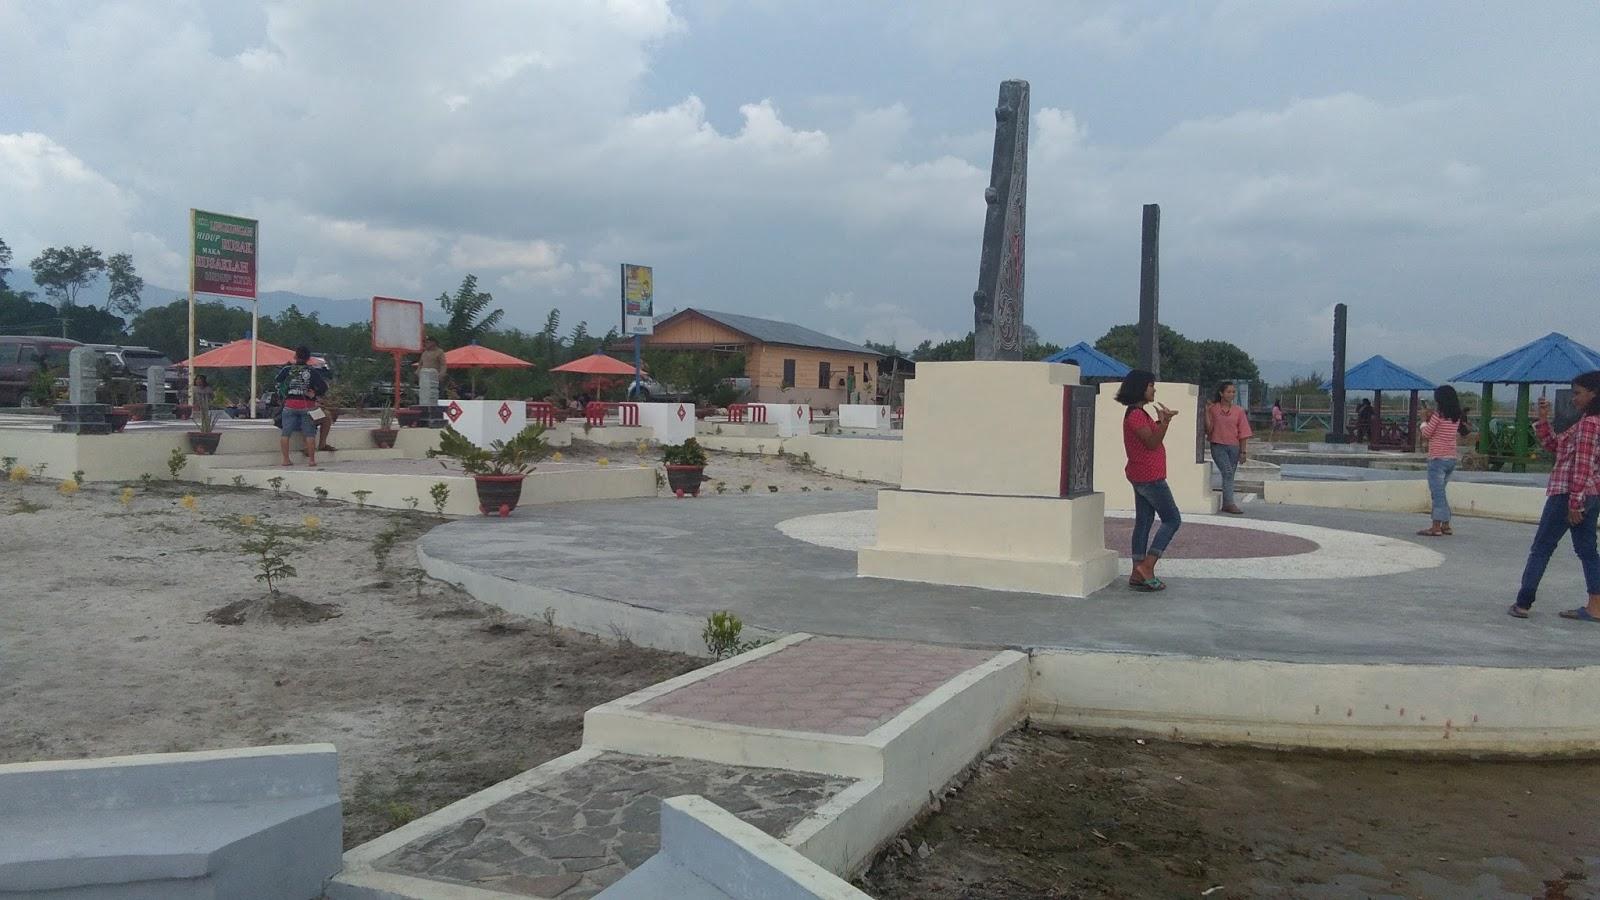 Pantai Pasir Putih Parparean Porsea Berbenah  TOPINFORMASI.COM